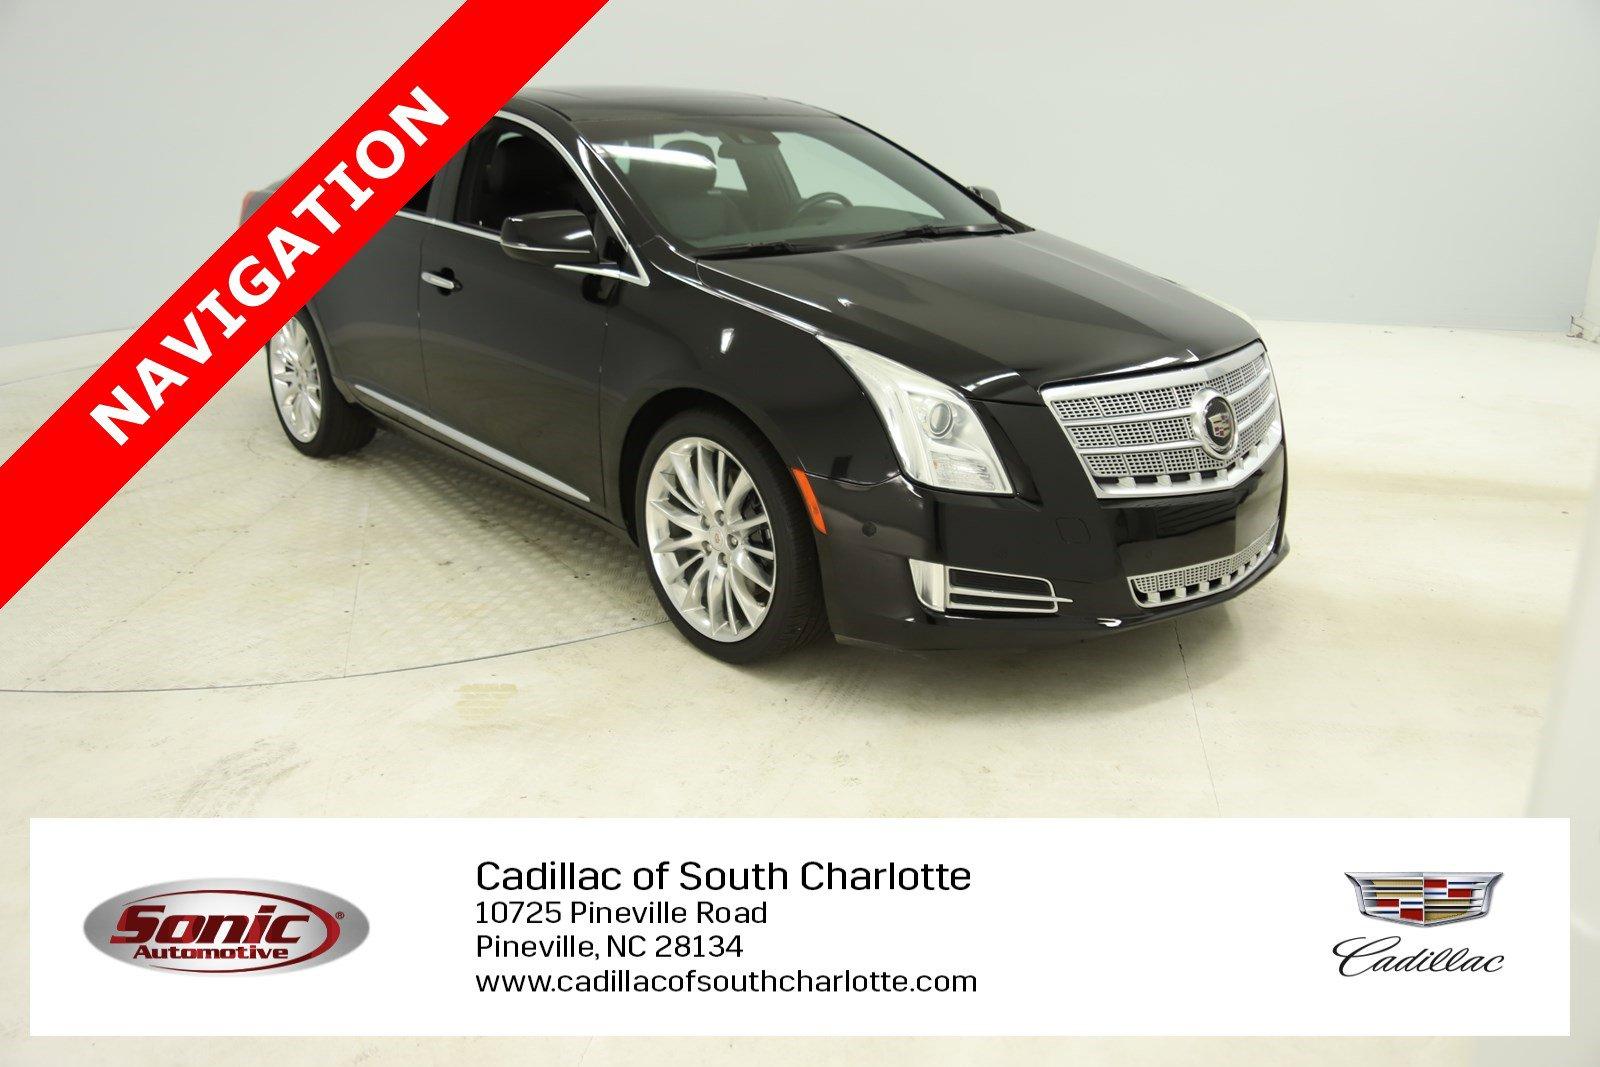 2015 Cadillac XTS Platinum image